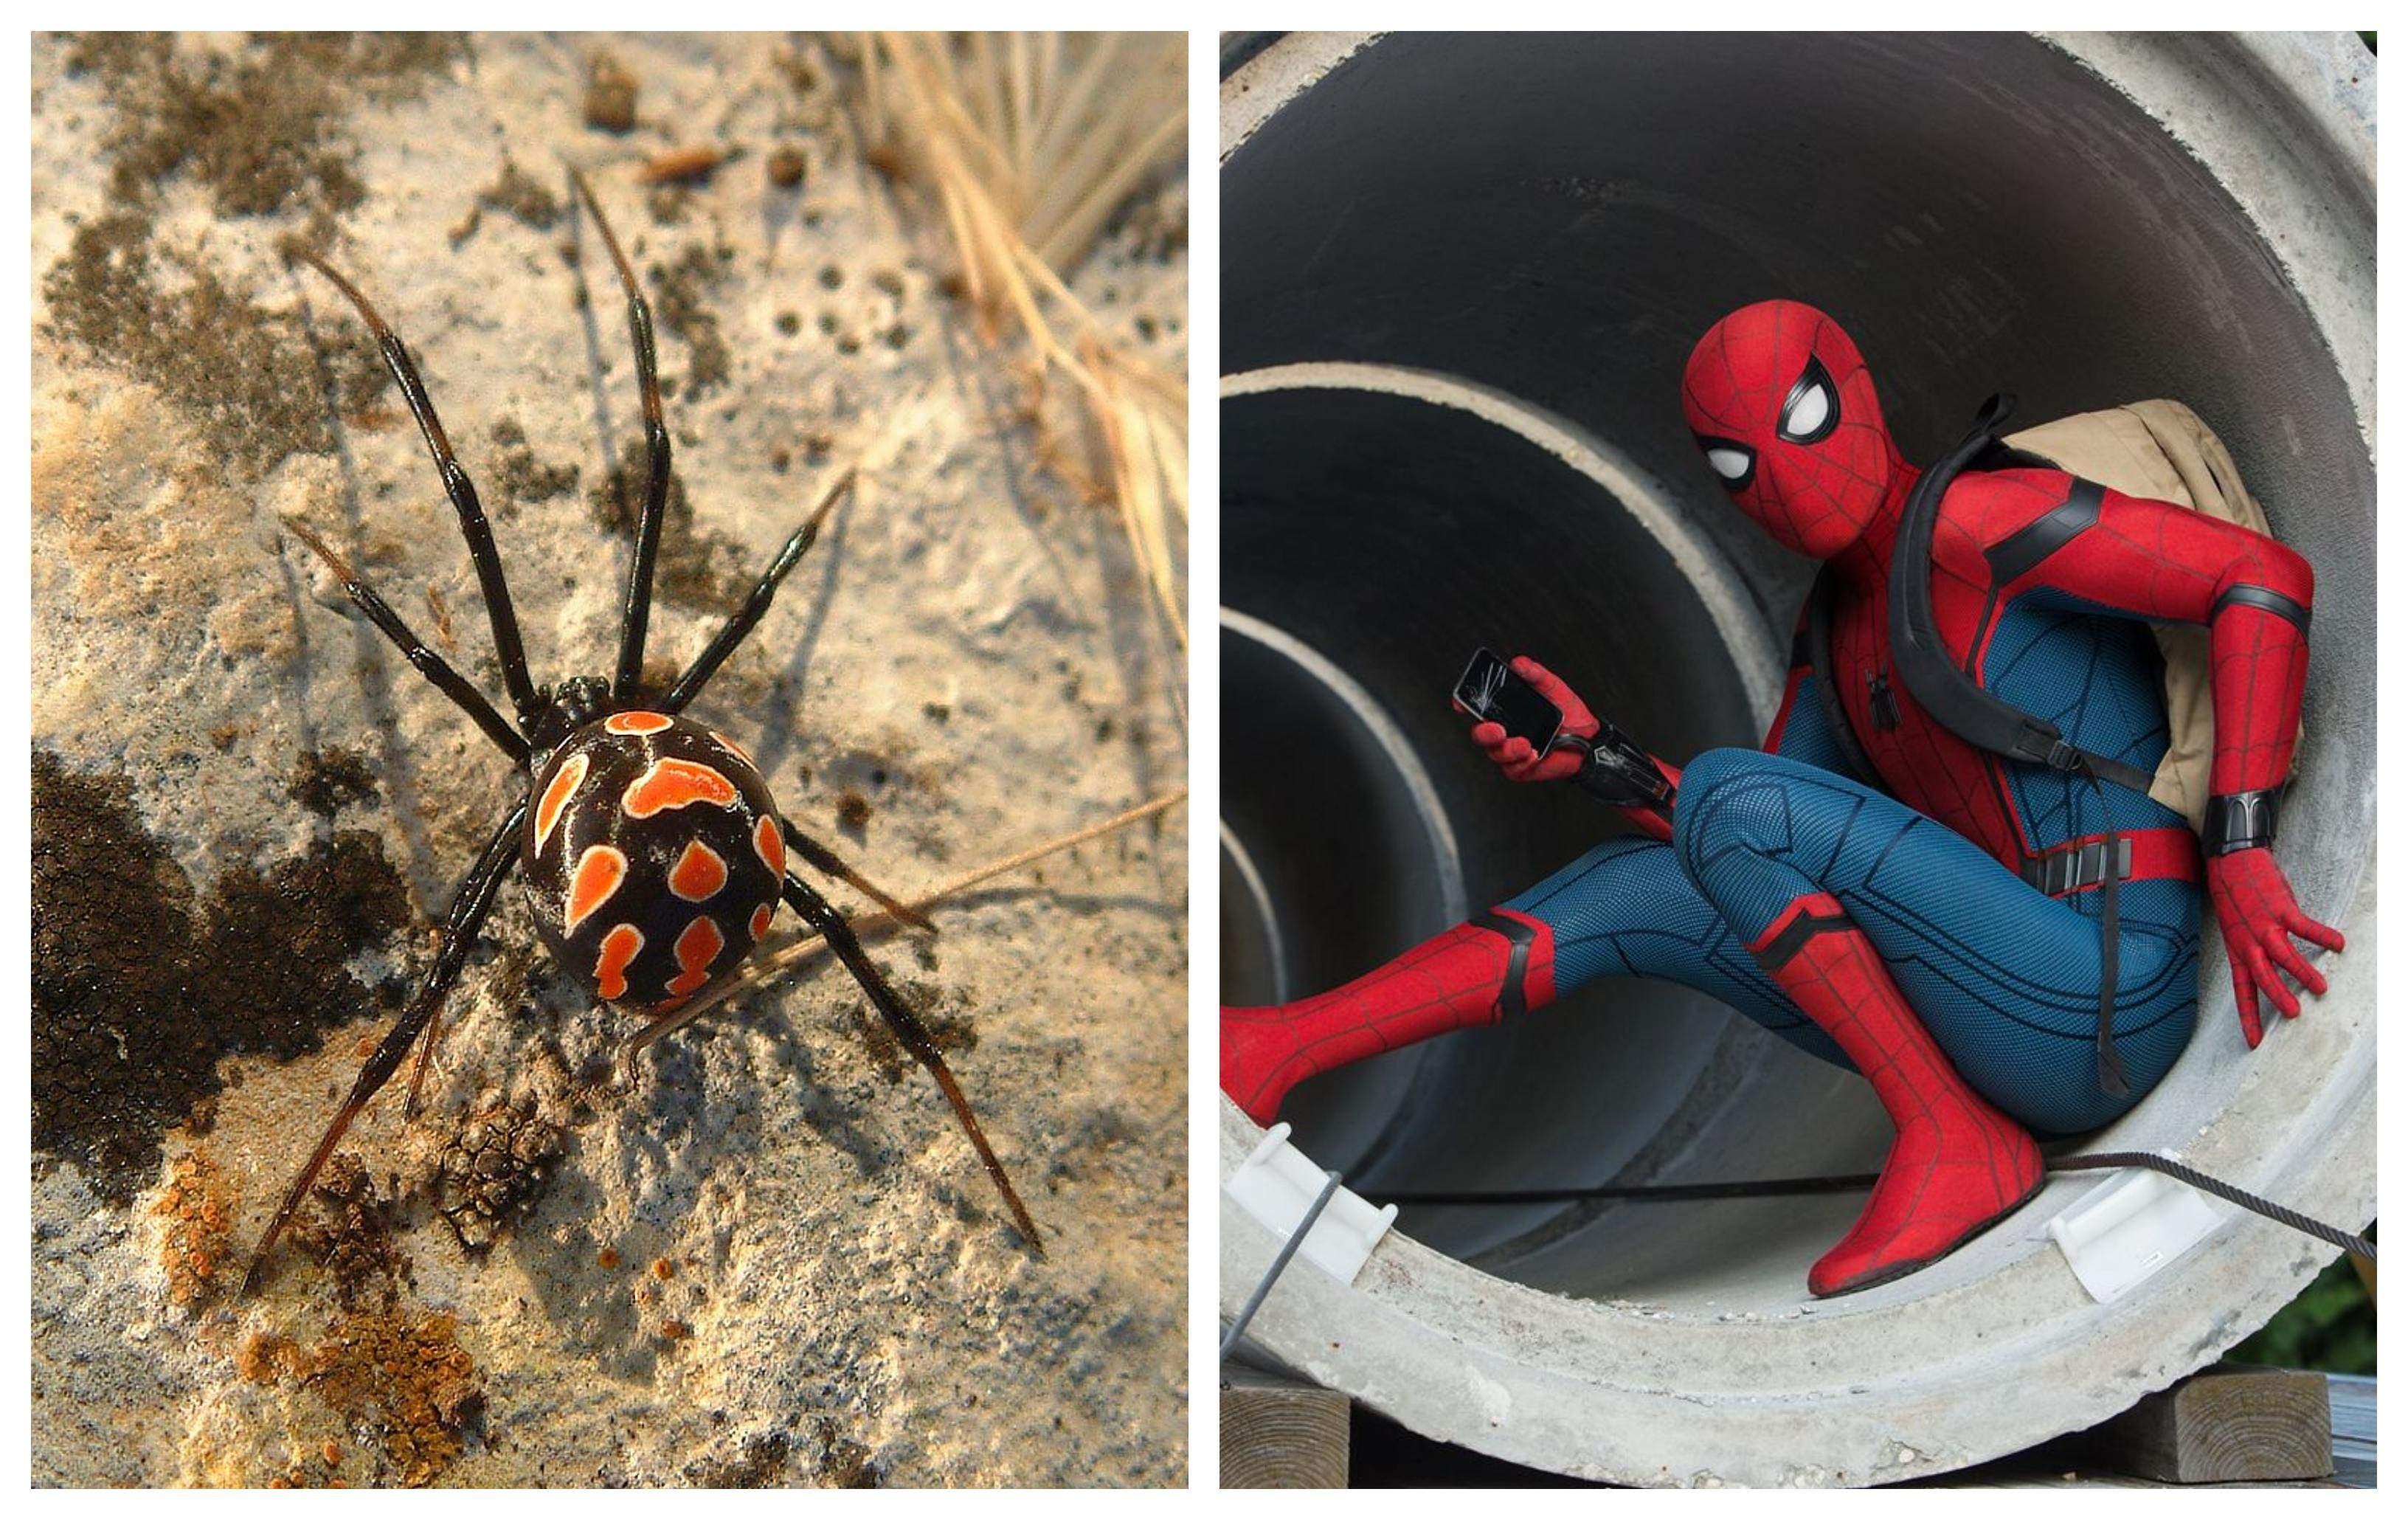 uimitorul link- ul unic de păianjen